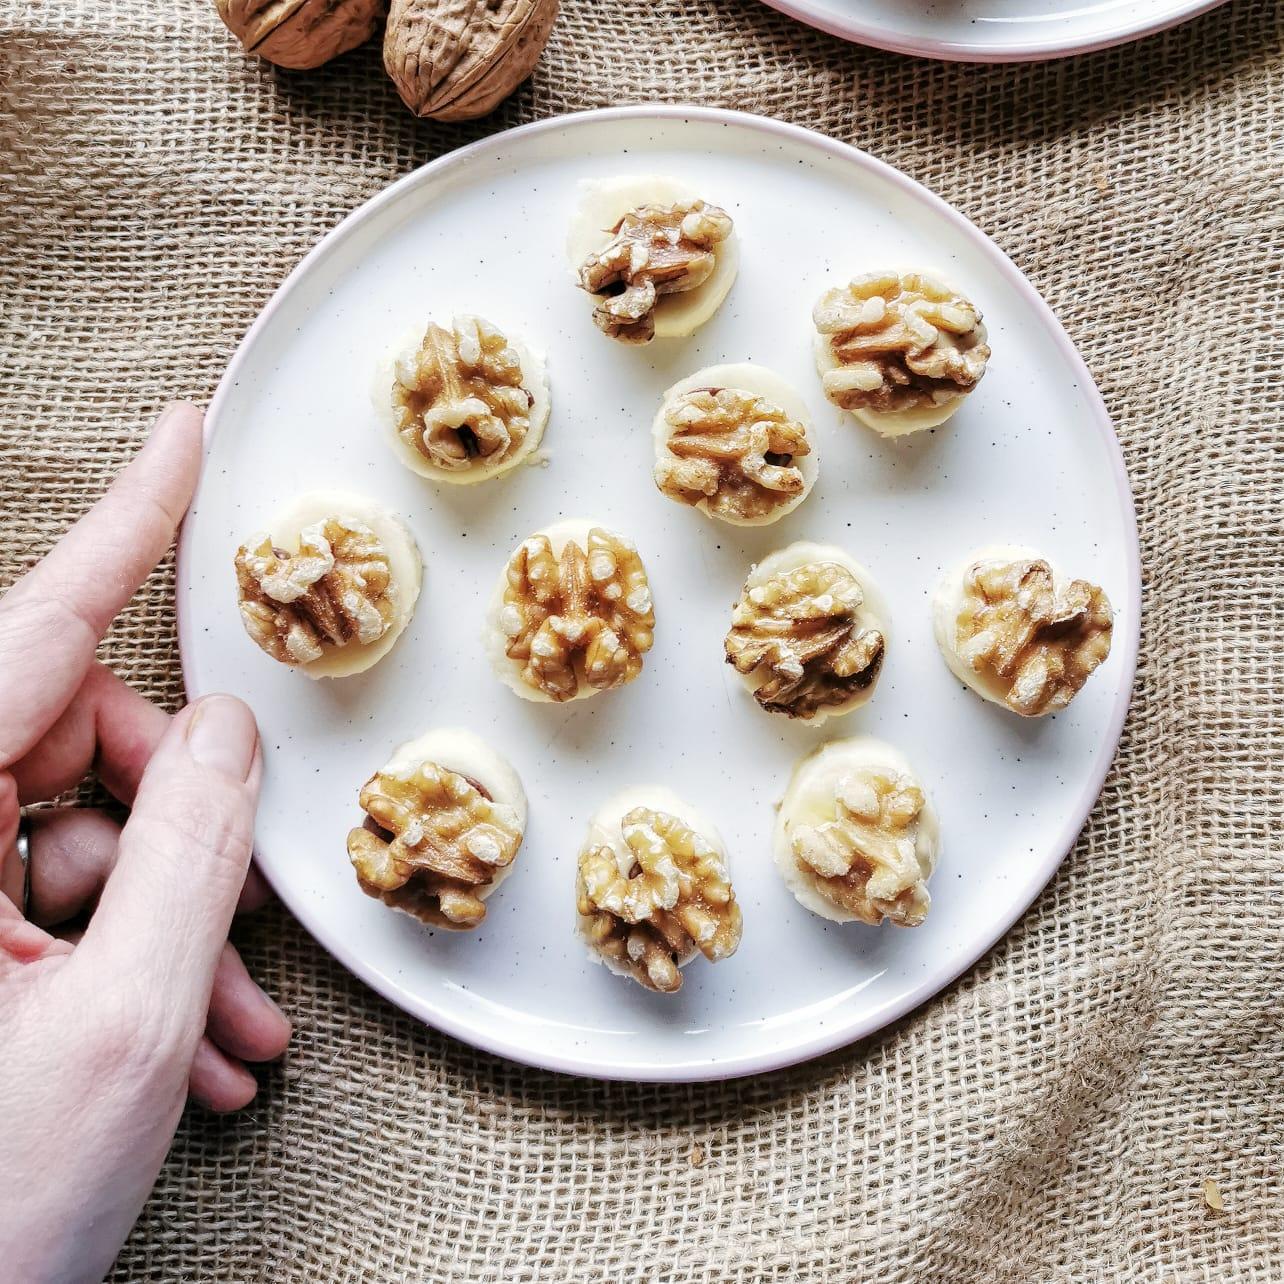 DIE Alternative zum Bananenbrot: Das saftige Birne-Walnuss-Brot mit kalifornischen Walnüssen ist lecker, bekömmlich, macht satt und ist zuckerfrei. Statt Kuchen oder zum Frühstück, unbedingt mal probieren! // Noch mehr leckere und einfache Familien-Rezepte gibt es auf judetta.de